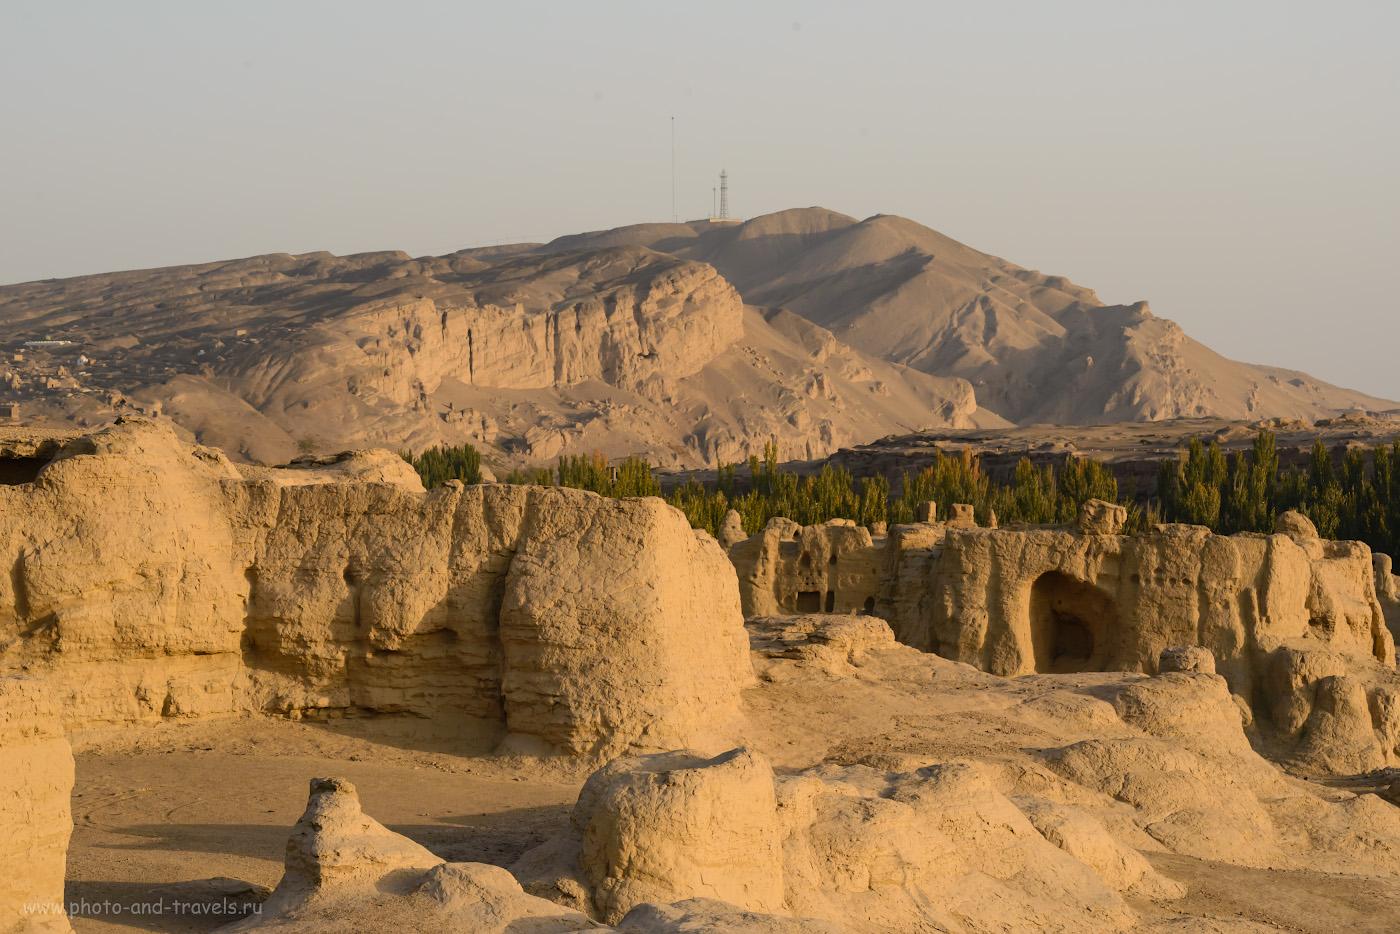 Фотография 14. Поползать по горам, возвышающимися над Цзяохэ было бы тоже интересно. Отчет о поездке из Урумчи в Турфан. Путешествие по Синьцзян-Уйгурскому автономному району Китая.